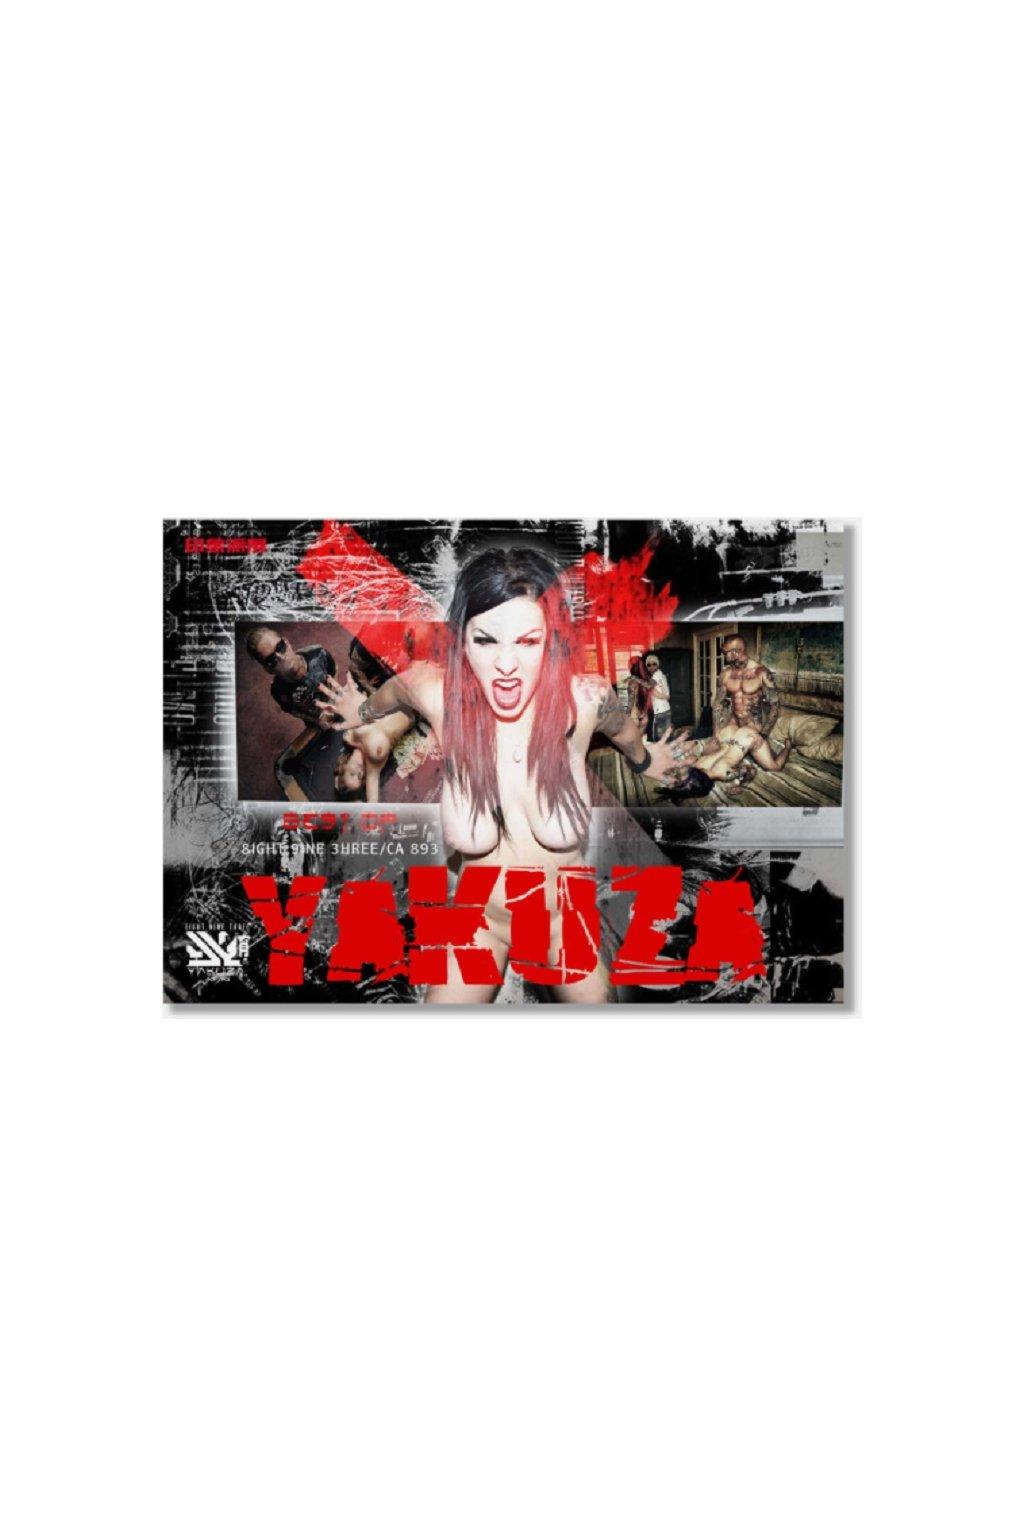 Yakuza 893 kalednář 2021 obr1